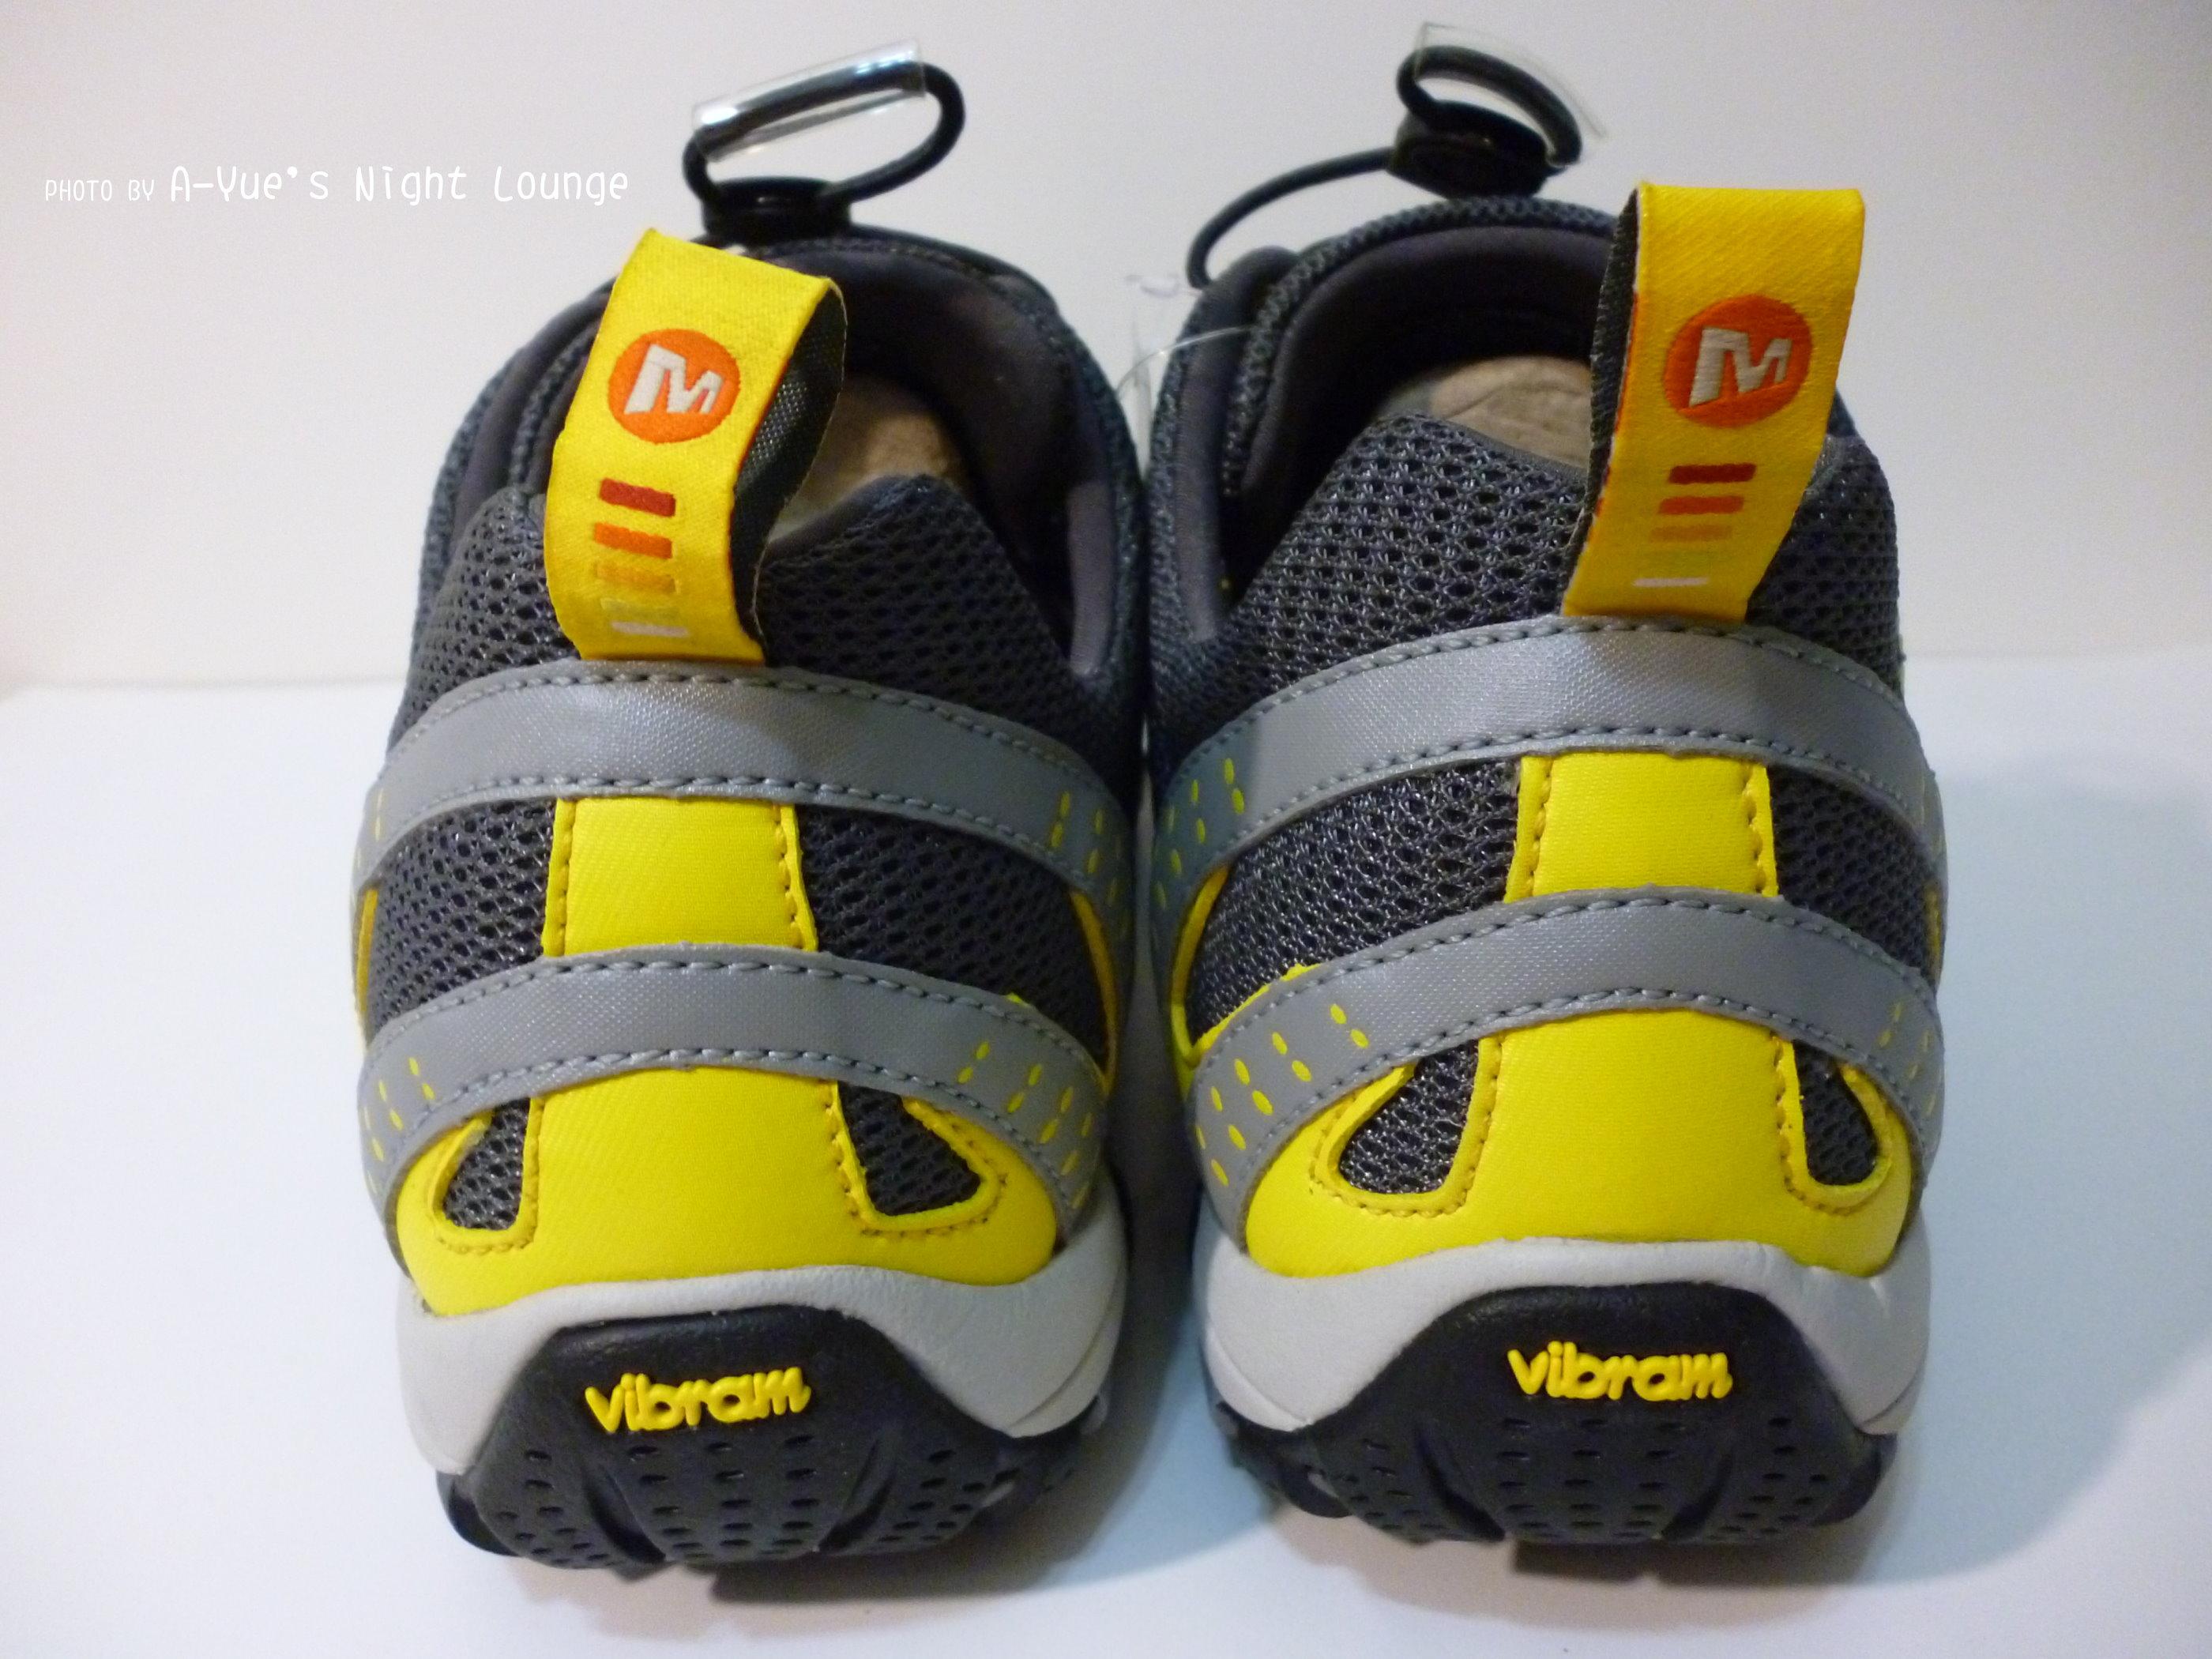 鞋後跟上方織帶拉環、vibram字樣